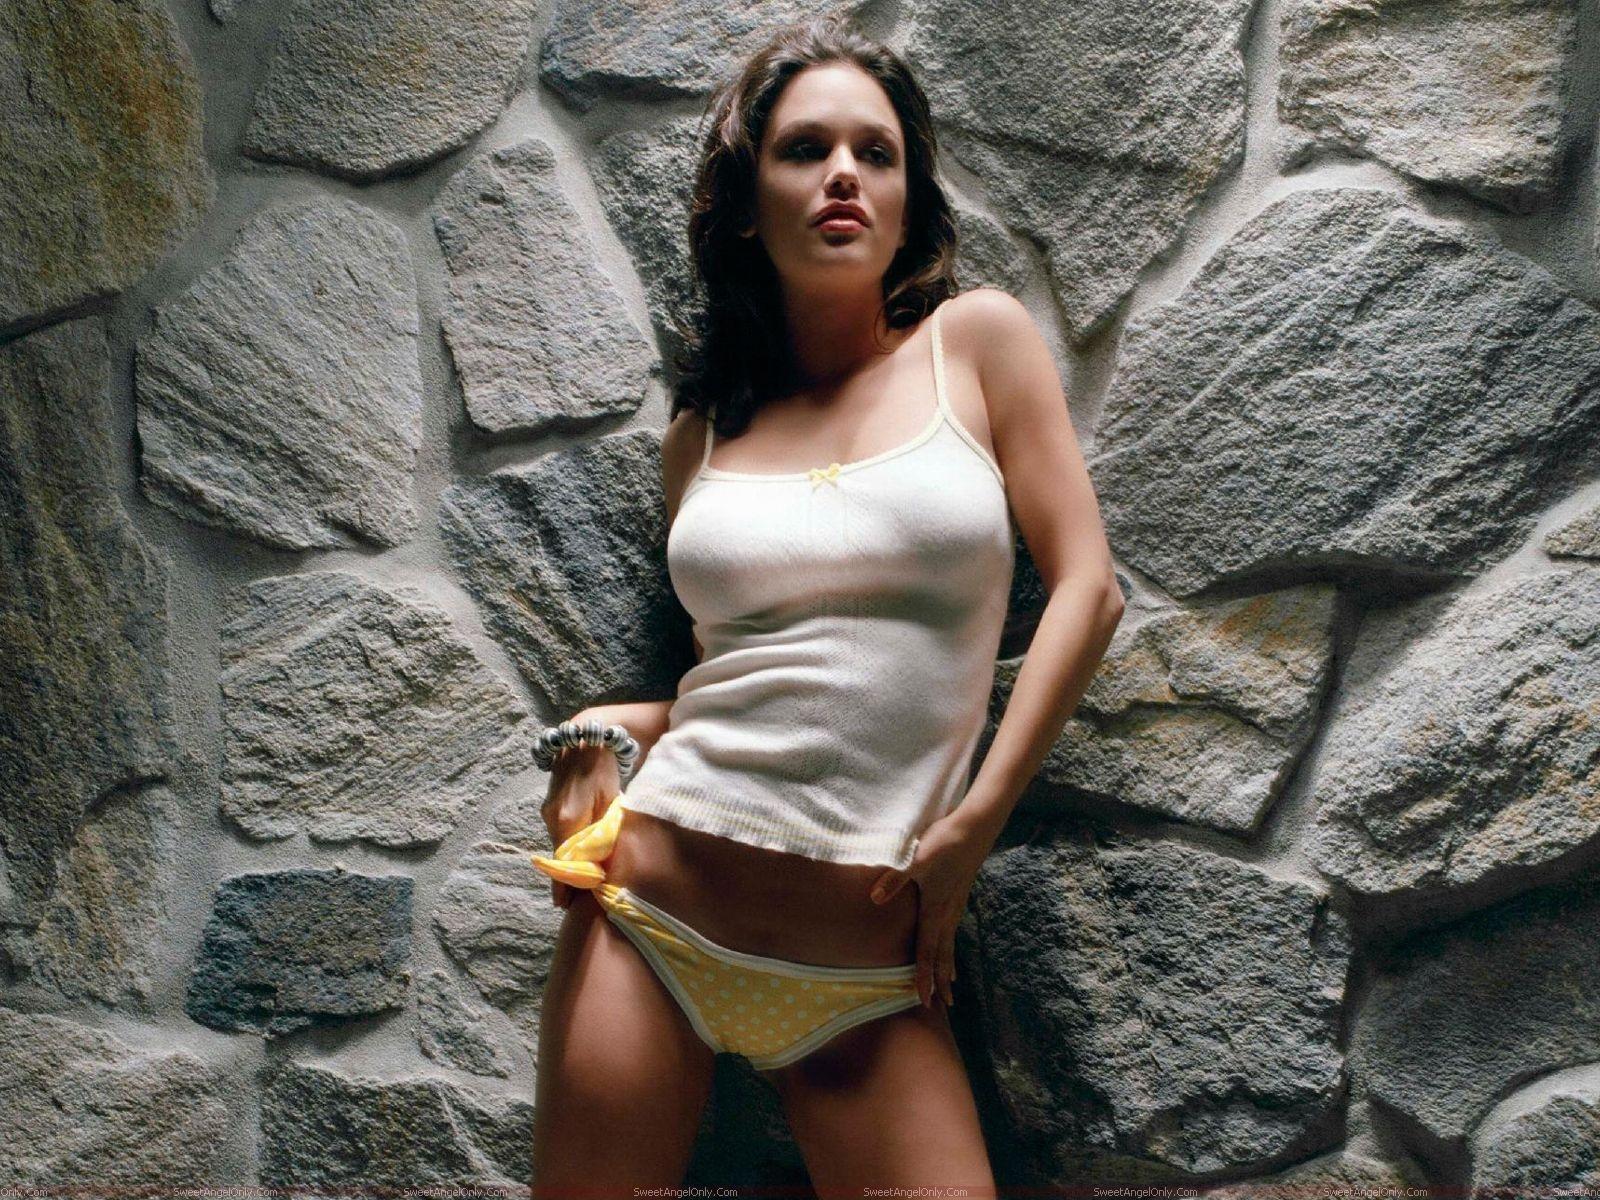 Rachel Sarah Bilson - Beautiful Photos